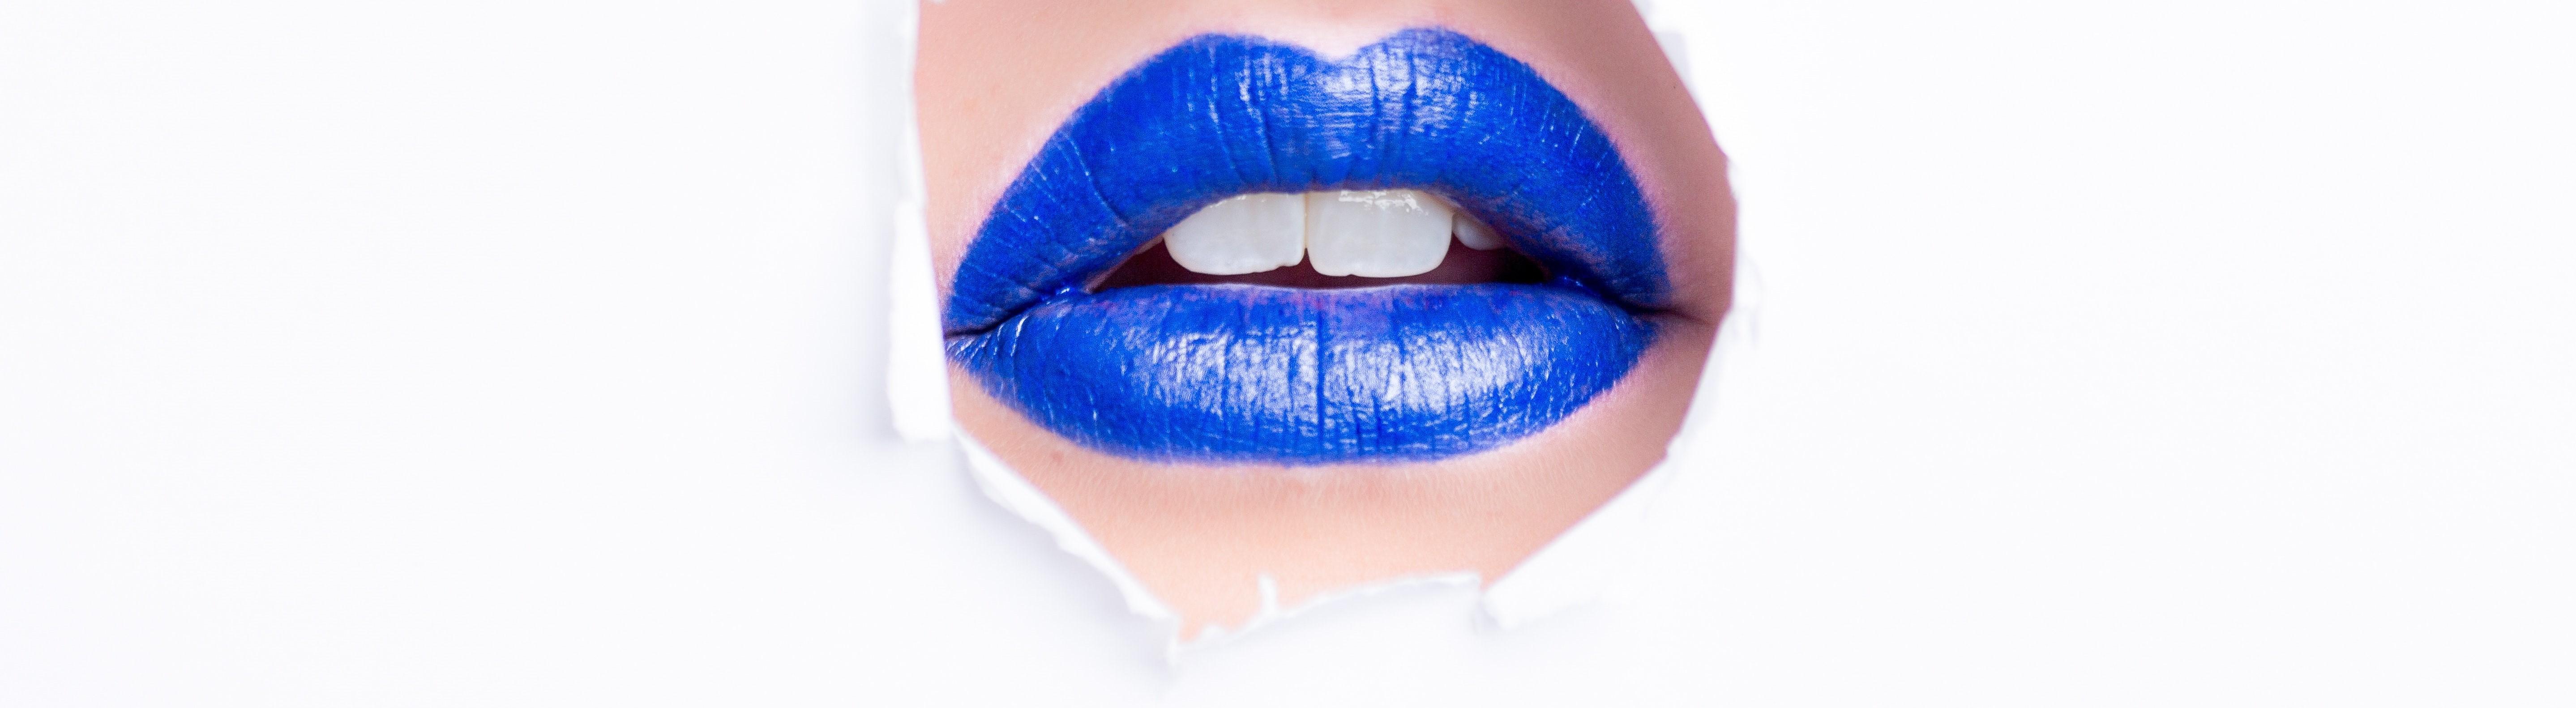 Blau geschminkte Lippen